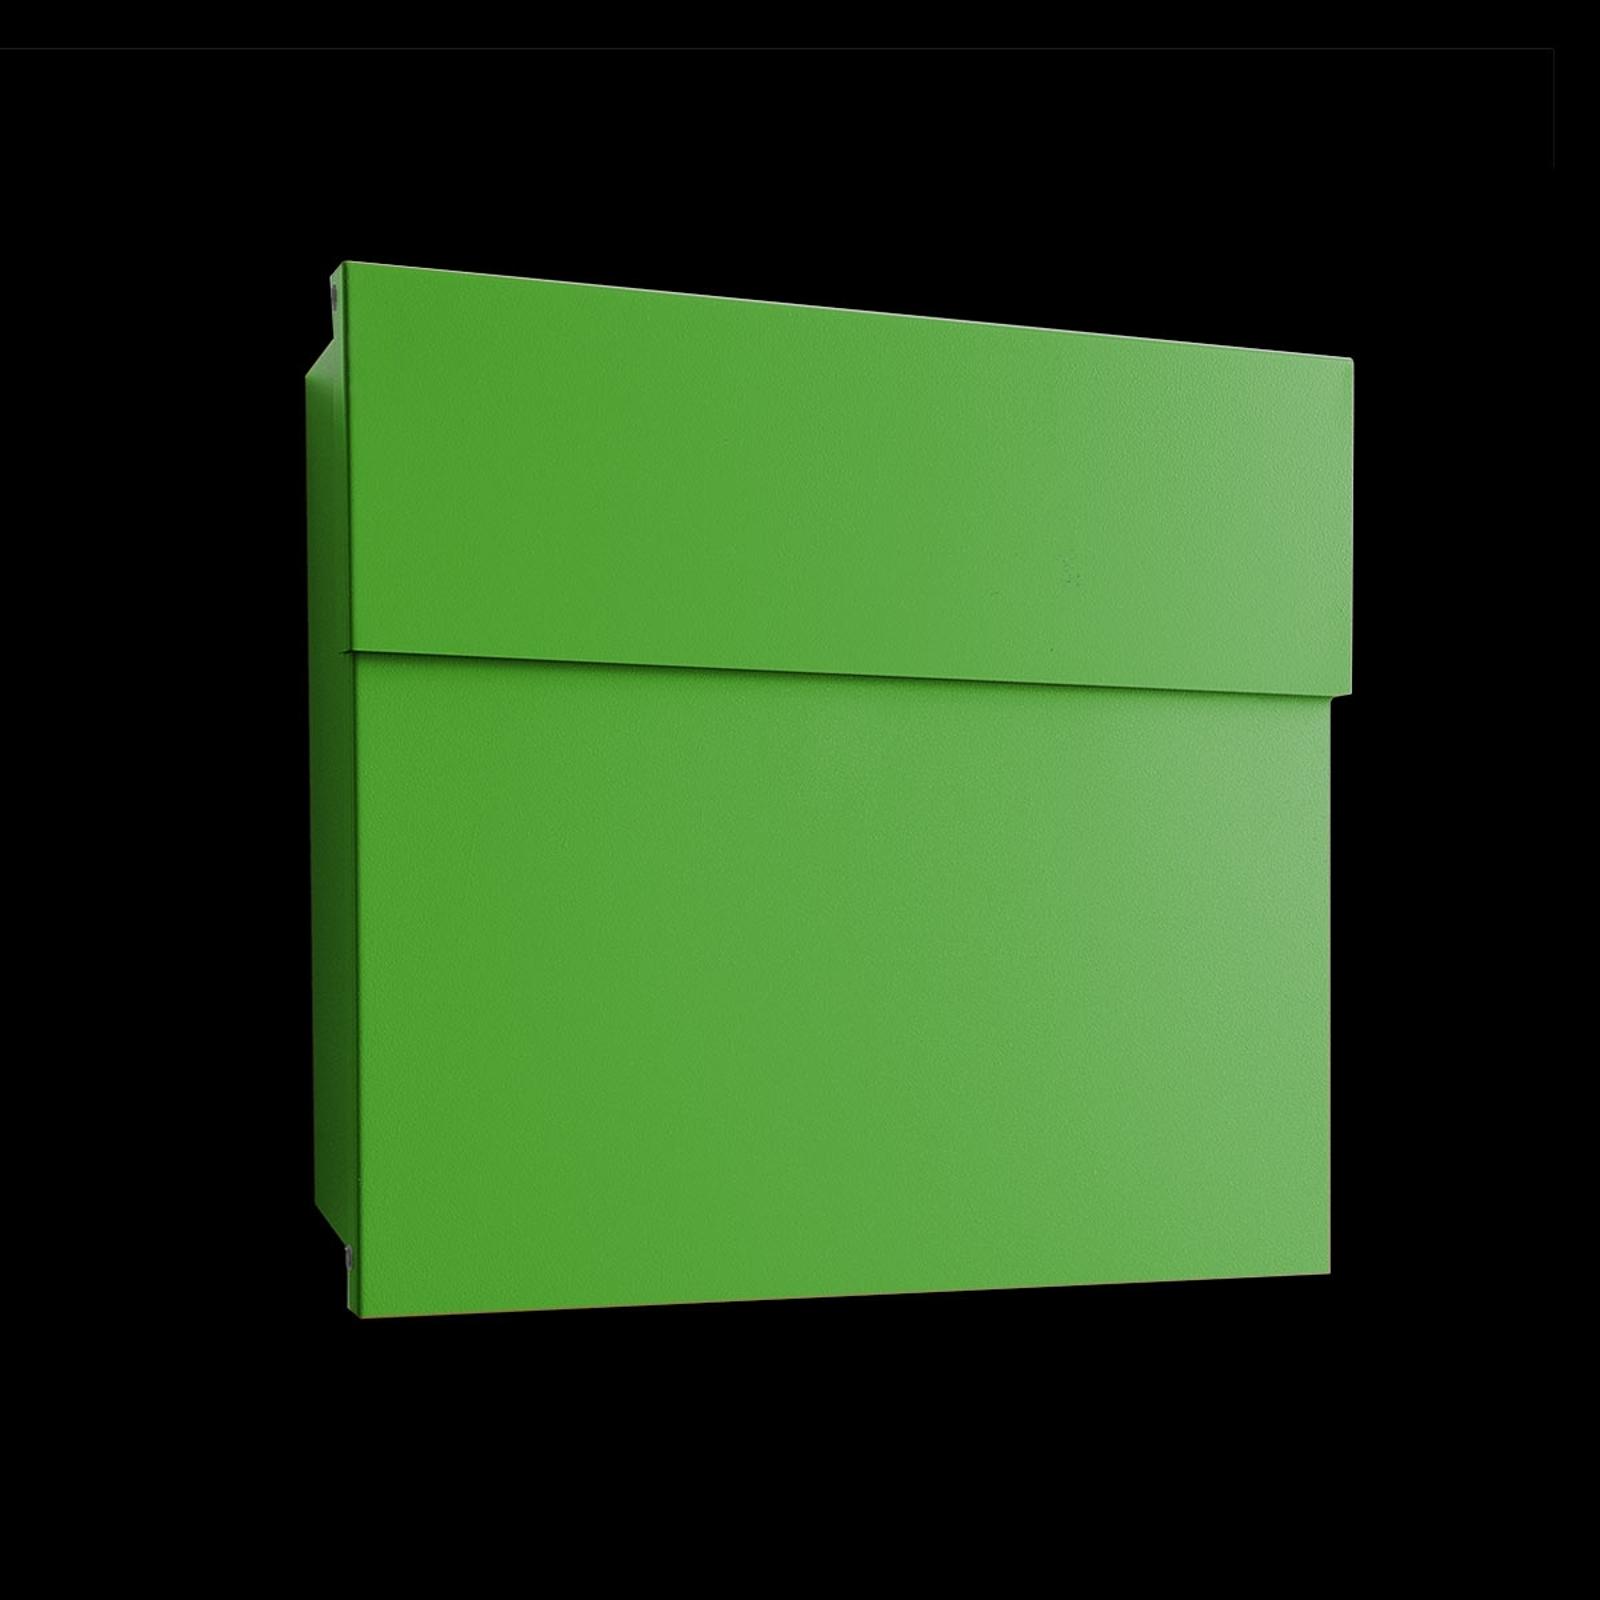 Praktisk postkasse Letterman IV, grønn